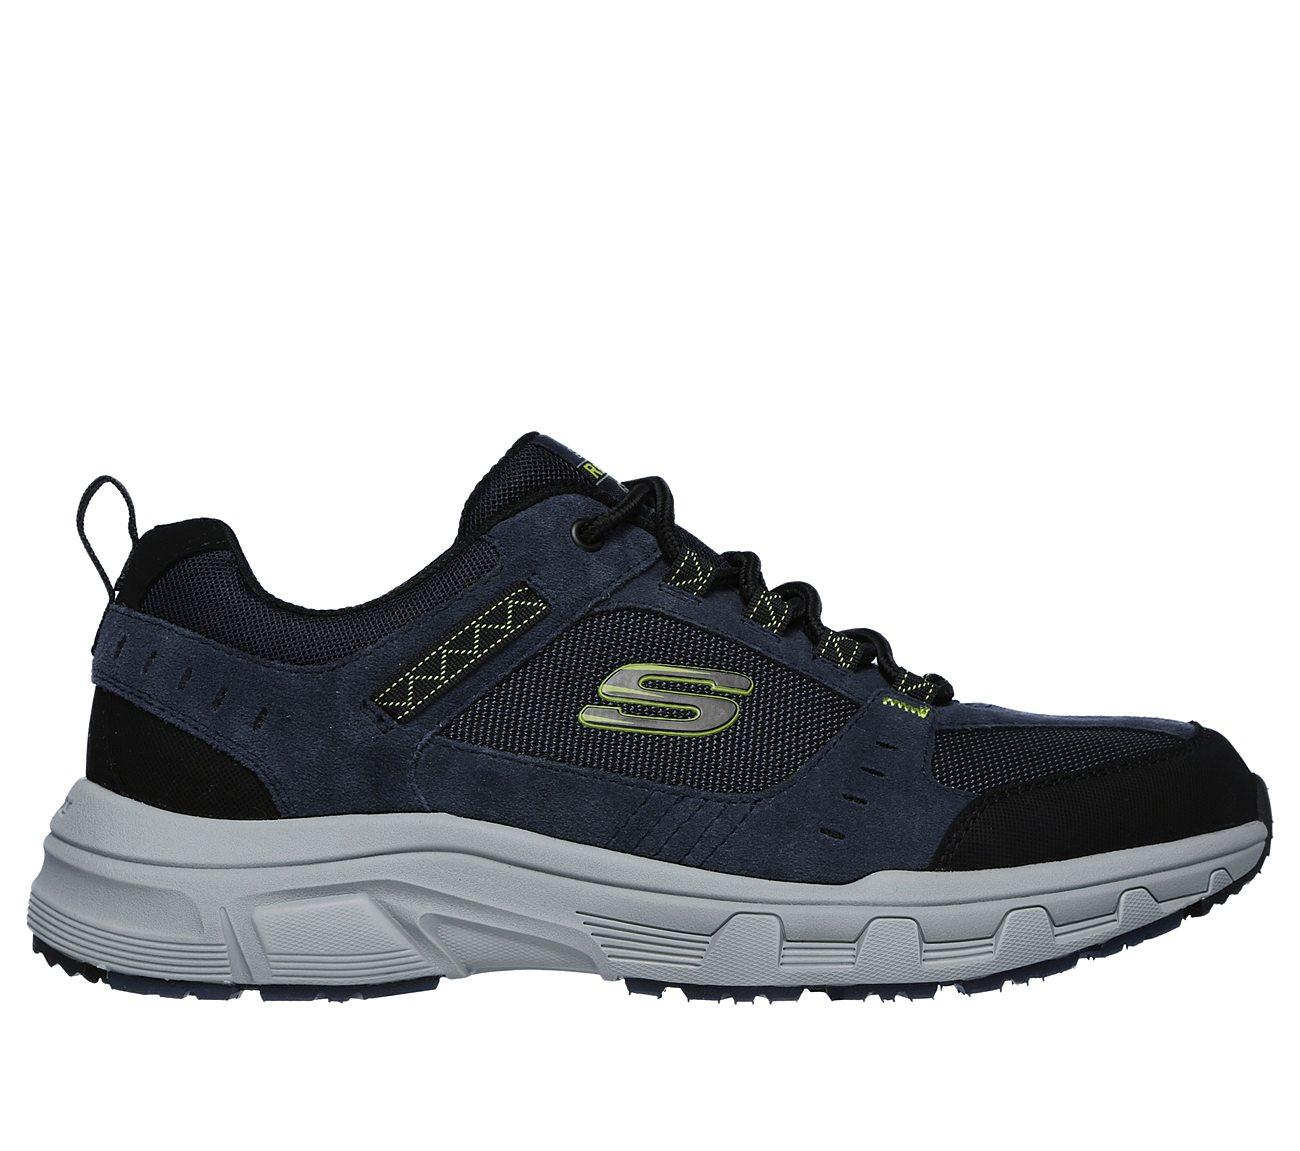 Skechers® Men's Relaxed Fit® Oak Canyon Sneakers